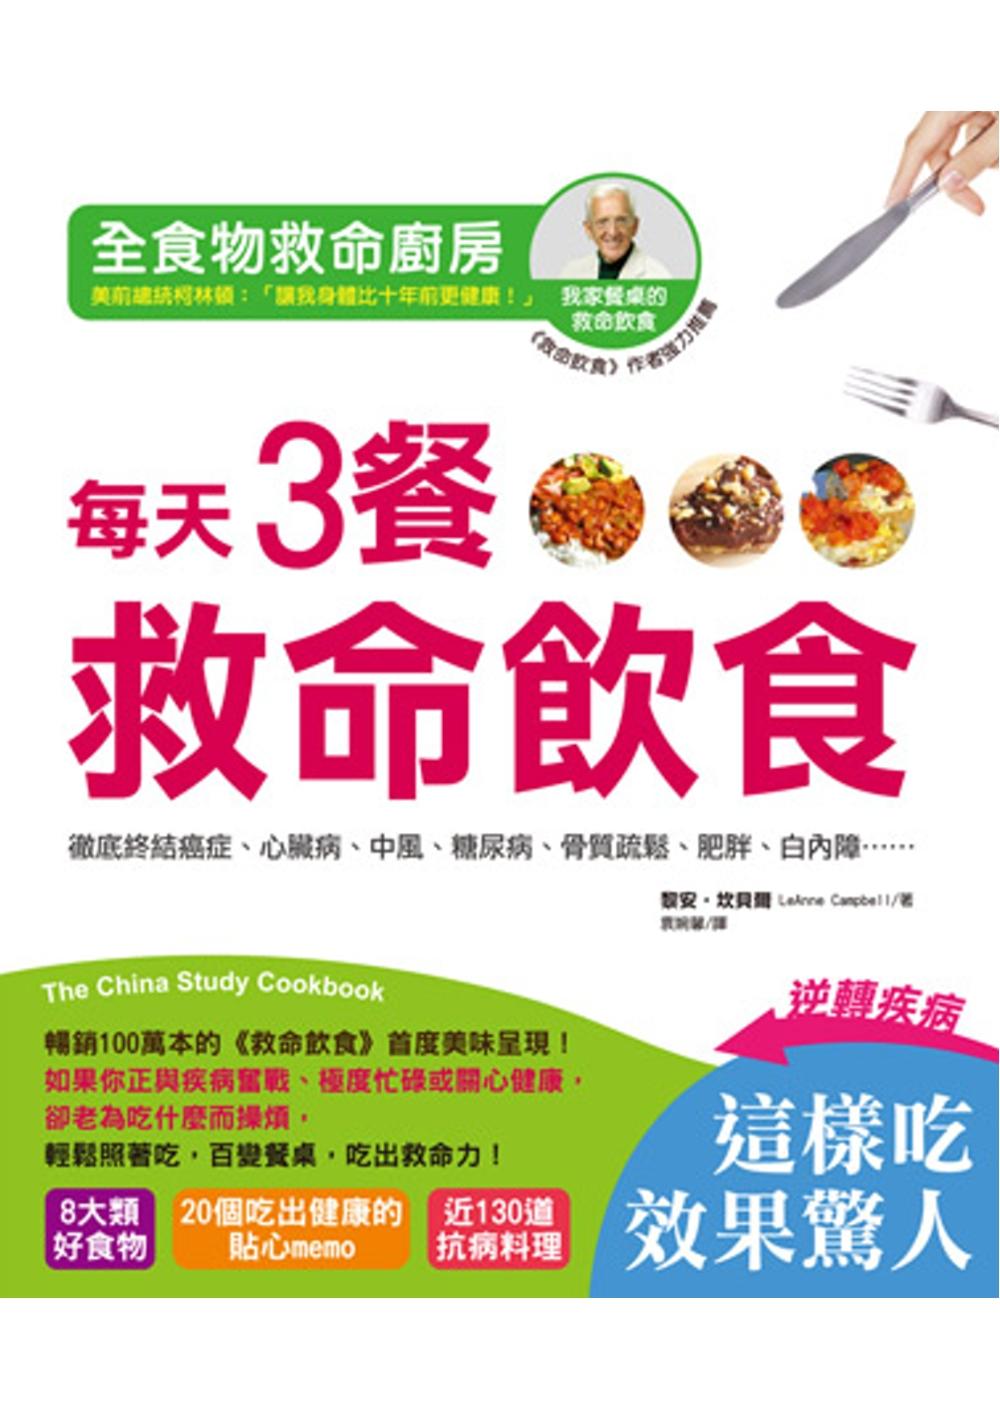 全食物救命廚房.每天3餐救命飲食:徹底終結癌症、心臟病、中風、糖尿病、骨質疏鬆、肥胖、白內